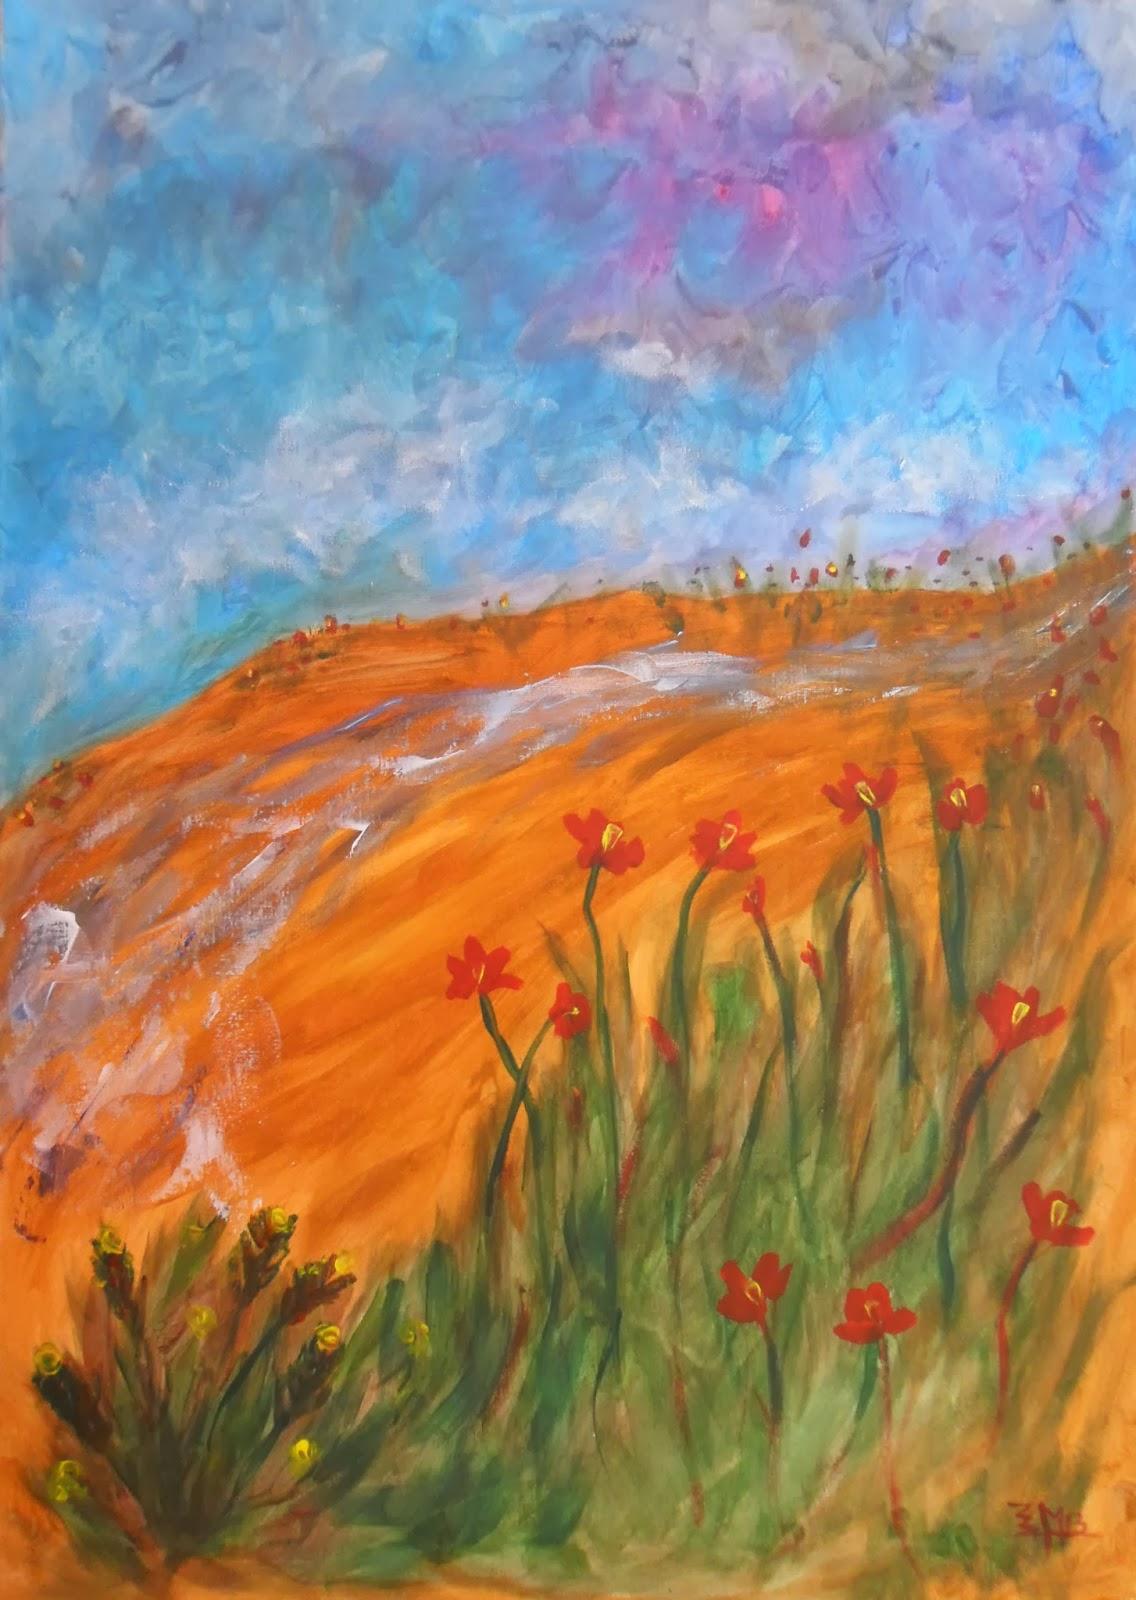 Expresionismo abstracto, arte abstracto, óleo, acrílico, www.eliasmonsalve.com, @eliasmons